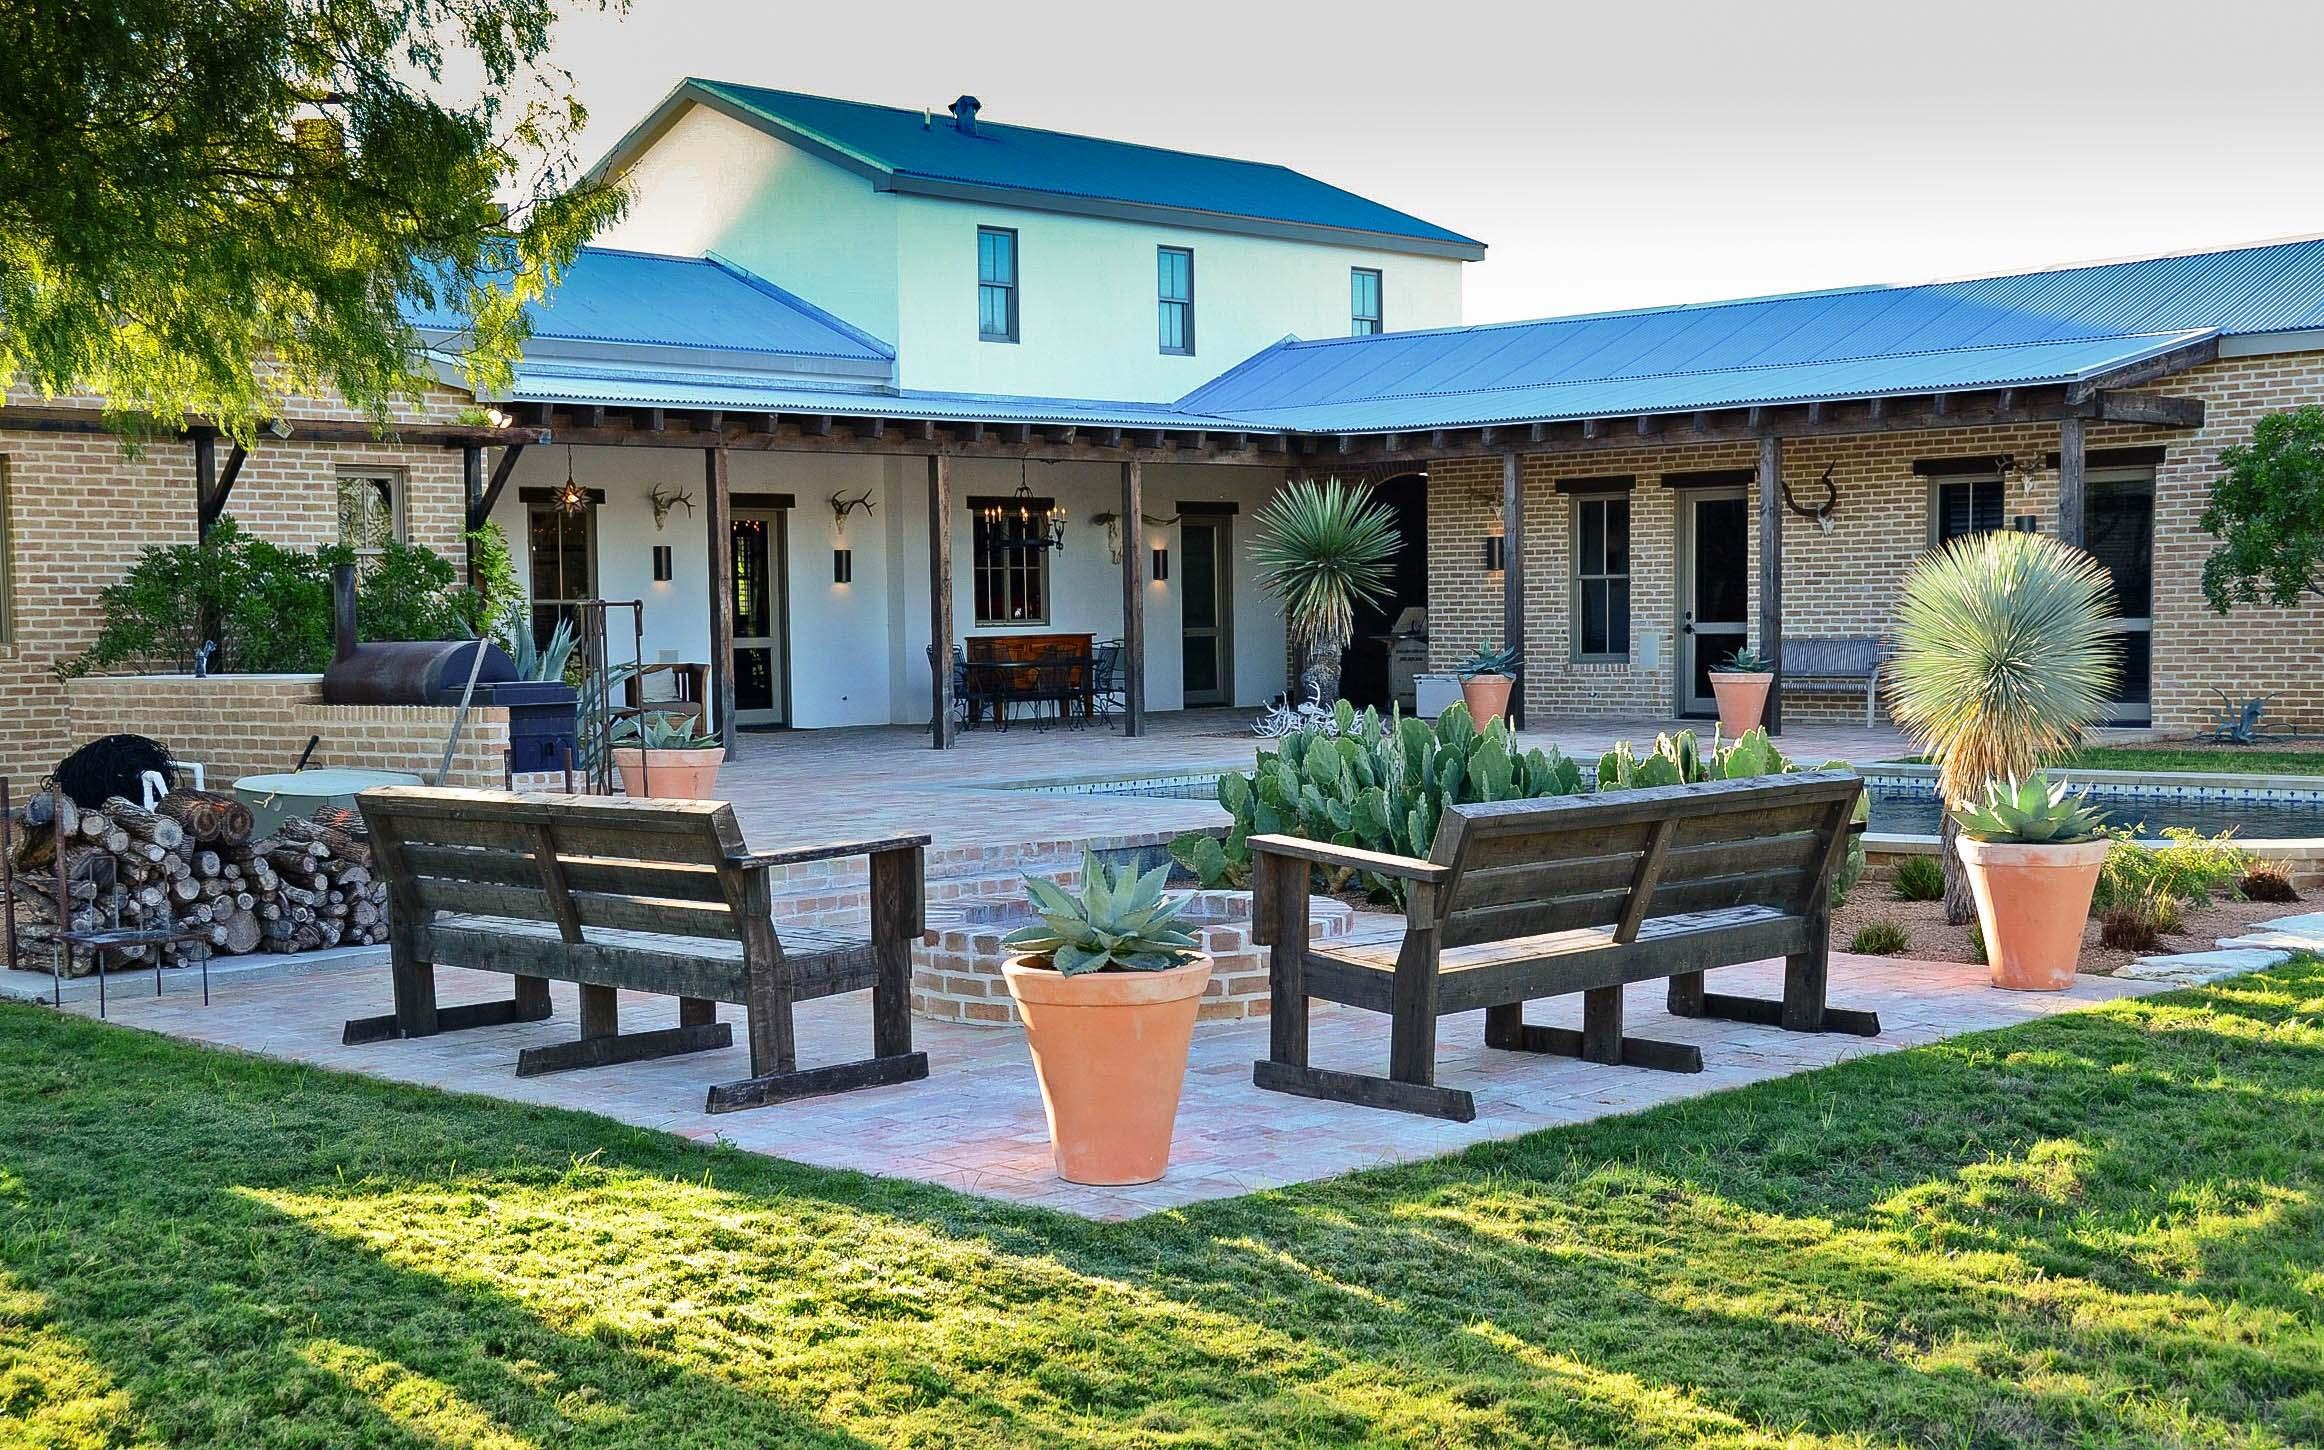 South Texas Ranch